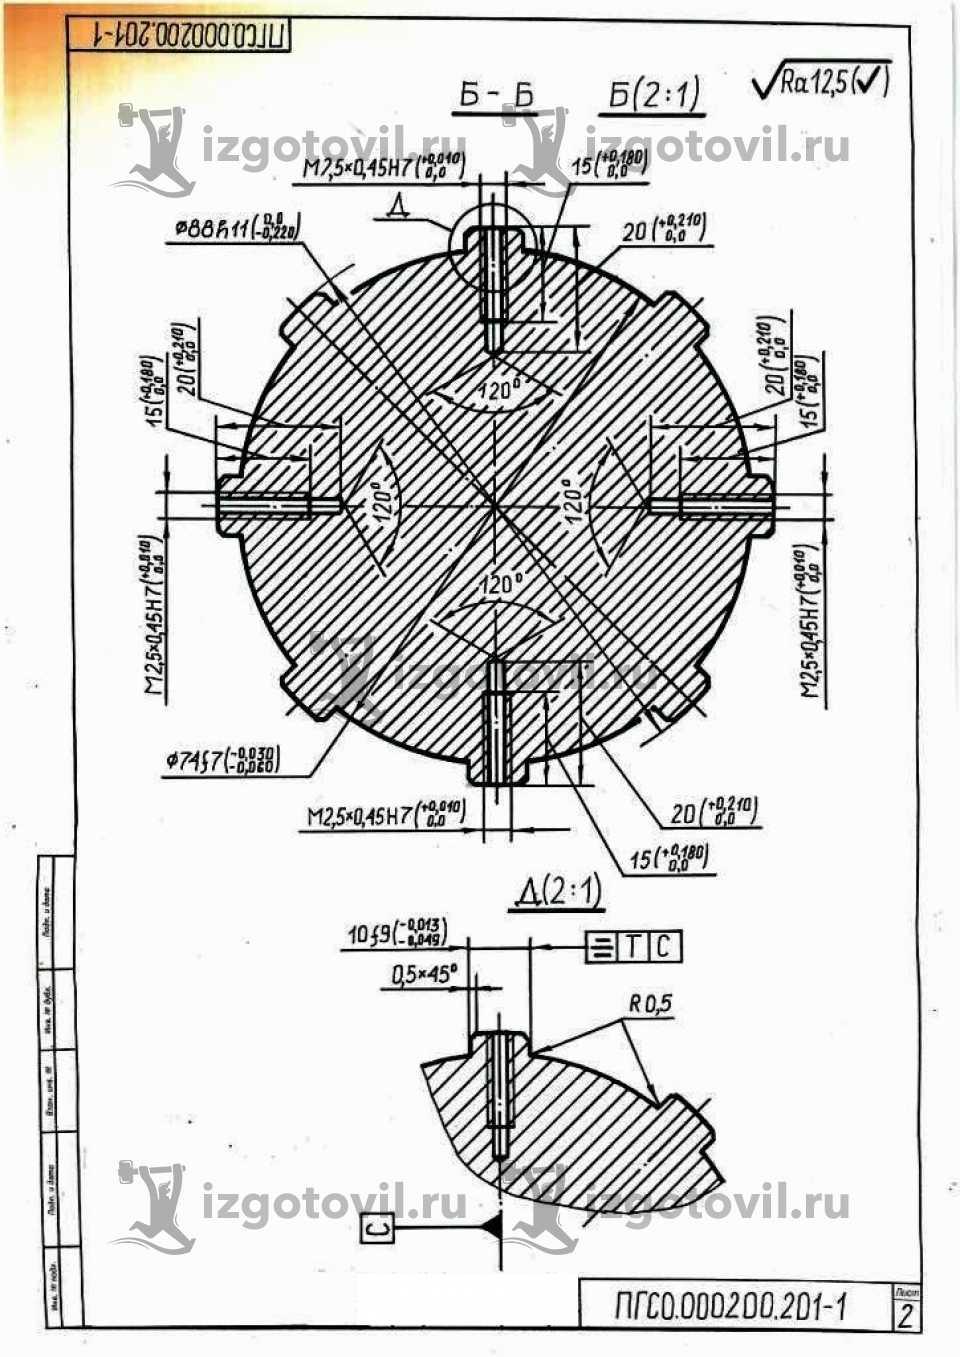 Токарная обработка деталей - корпус установочный укороченный